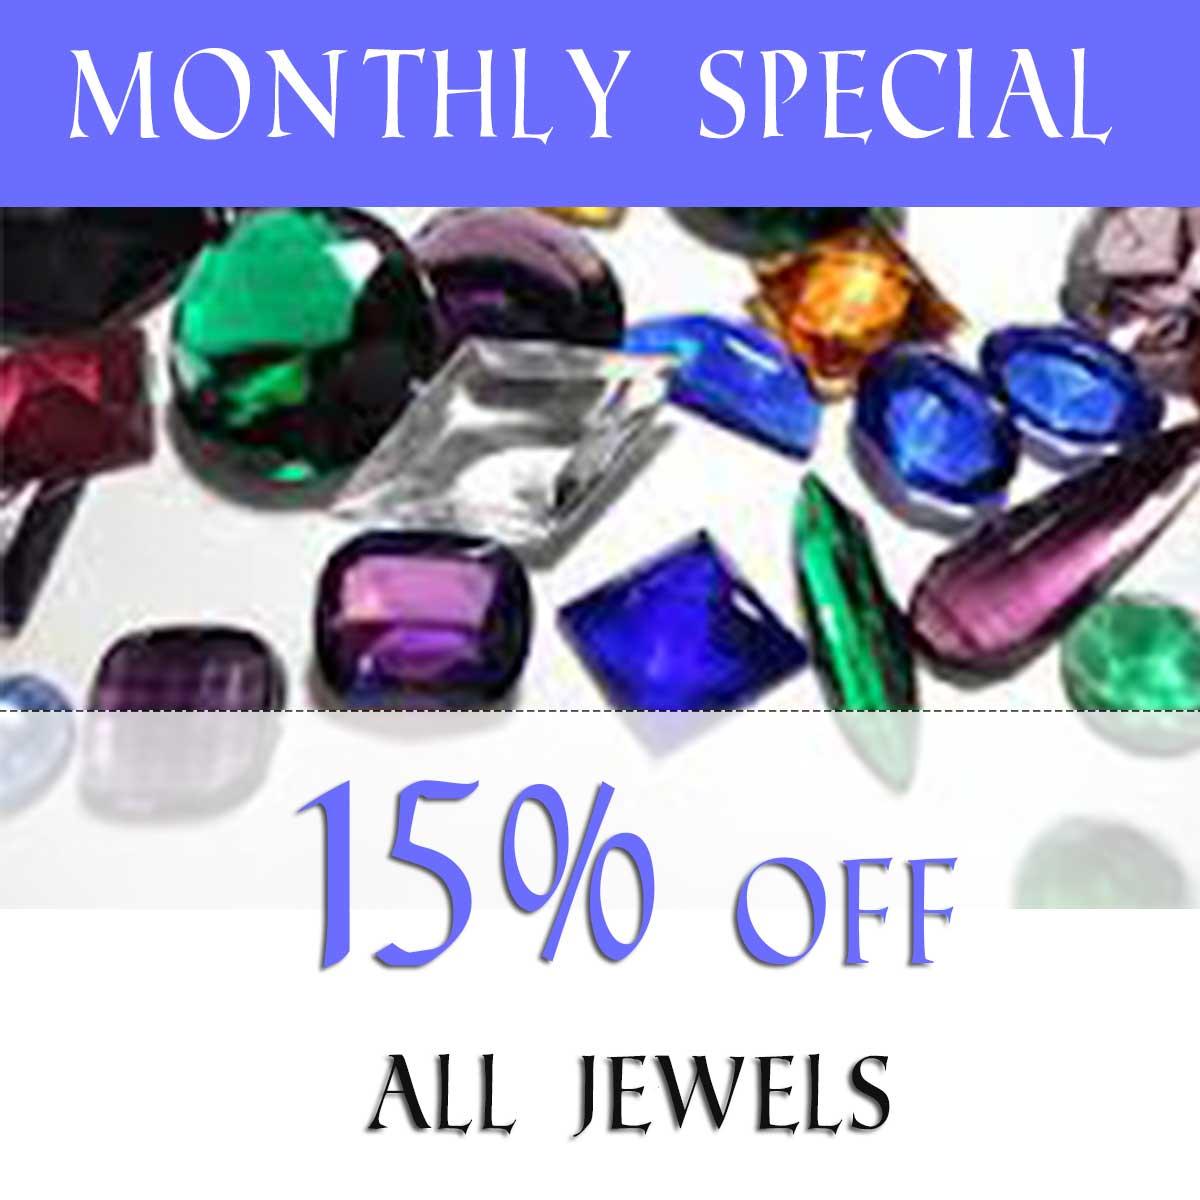 jewels-15%off-thumbnail-web.jpg